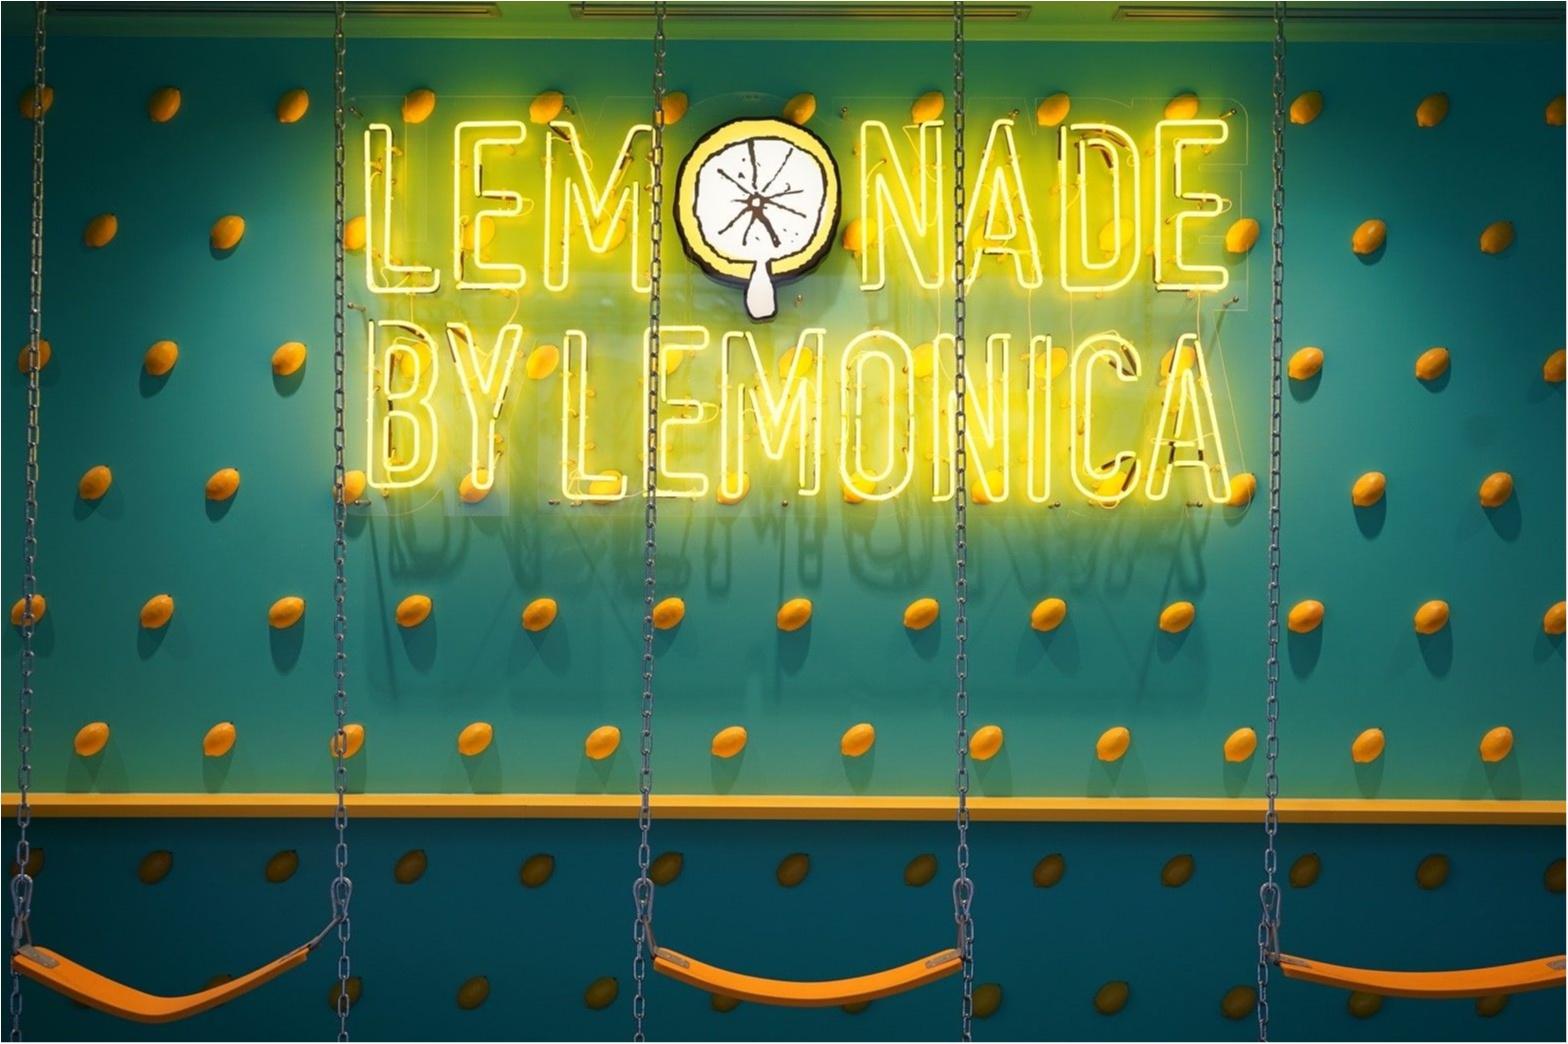 バルセロナで一番おいしいパエリアも、レモネード専門店も! 明日OPEN「渋谷ストリーム」の、MUST EAT5選♡_9